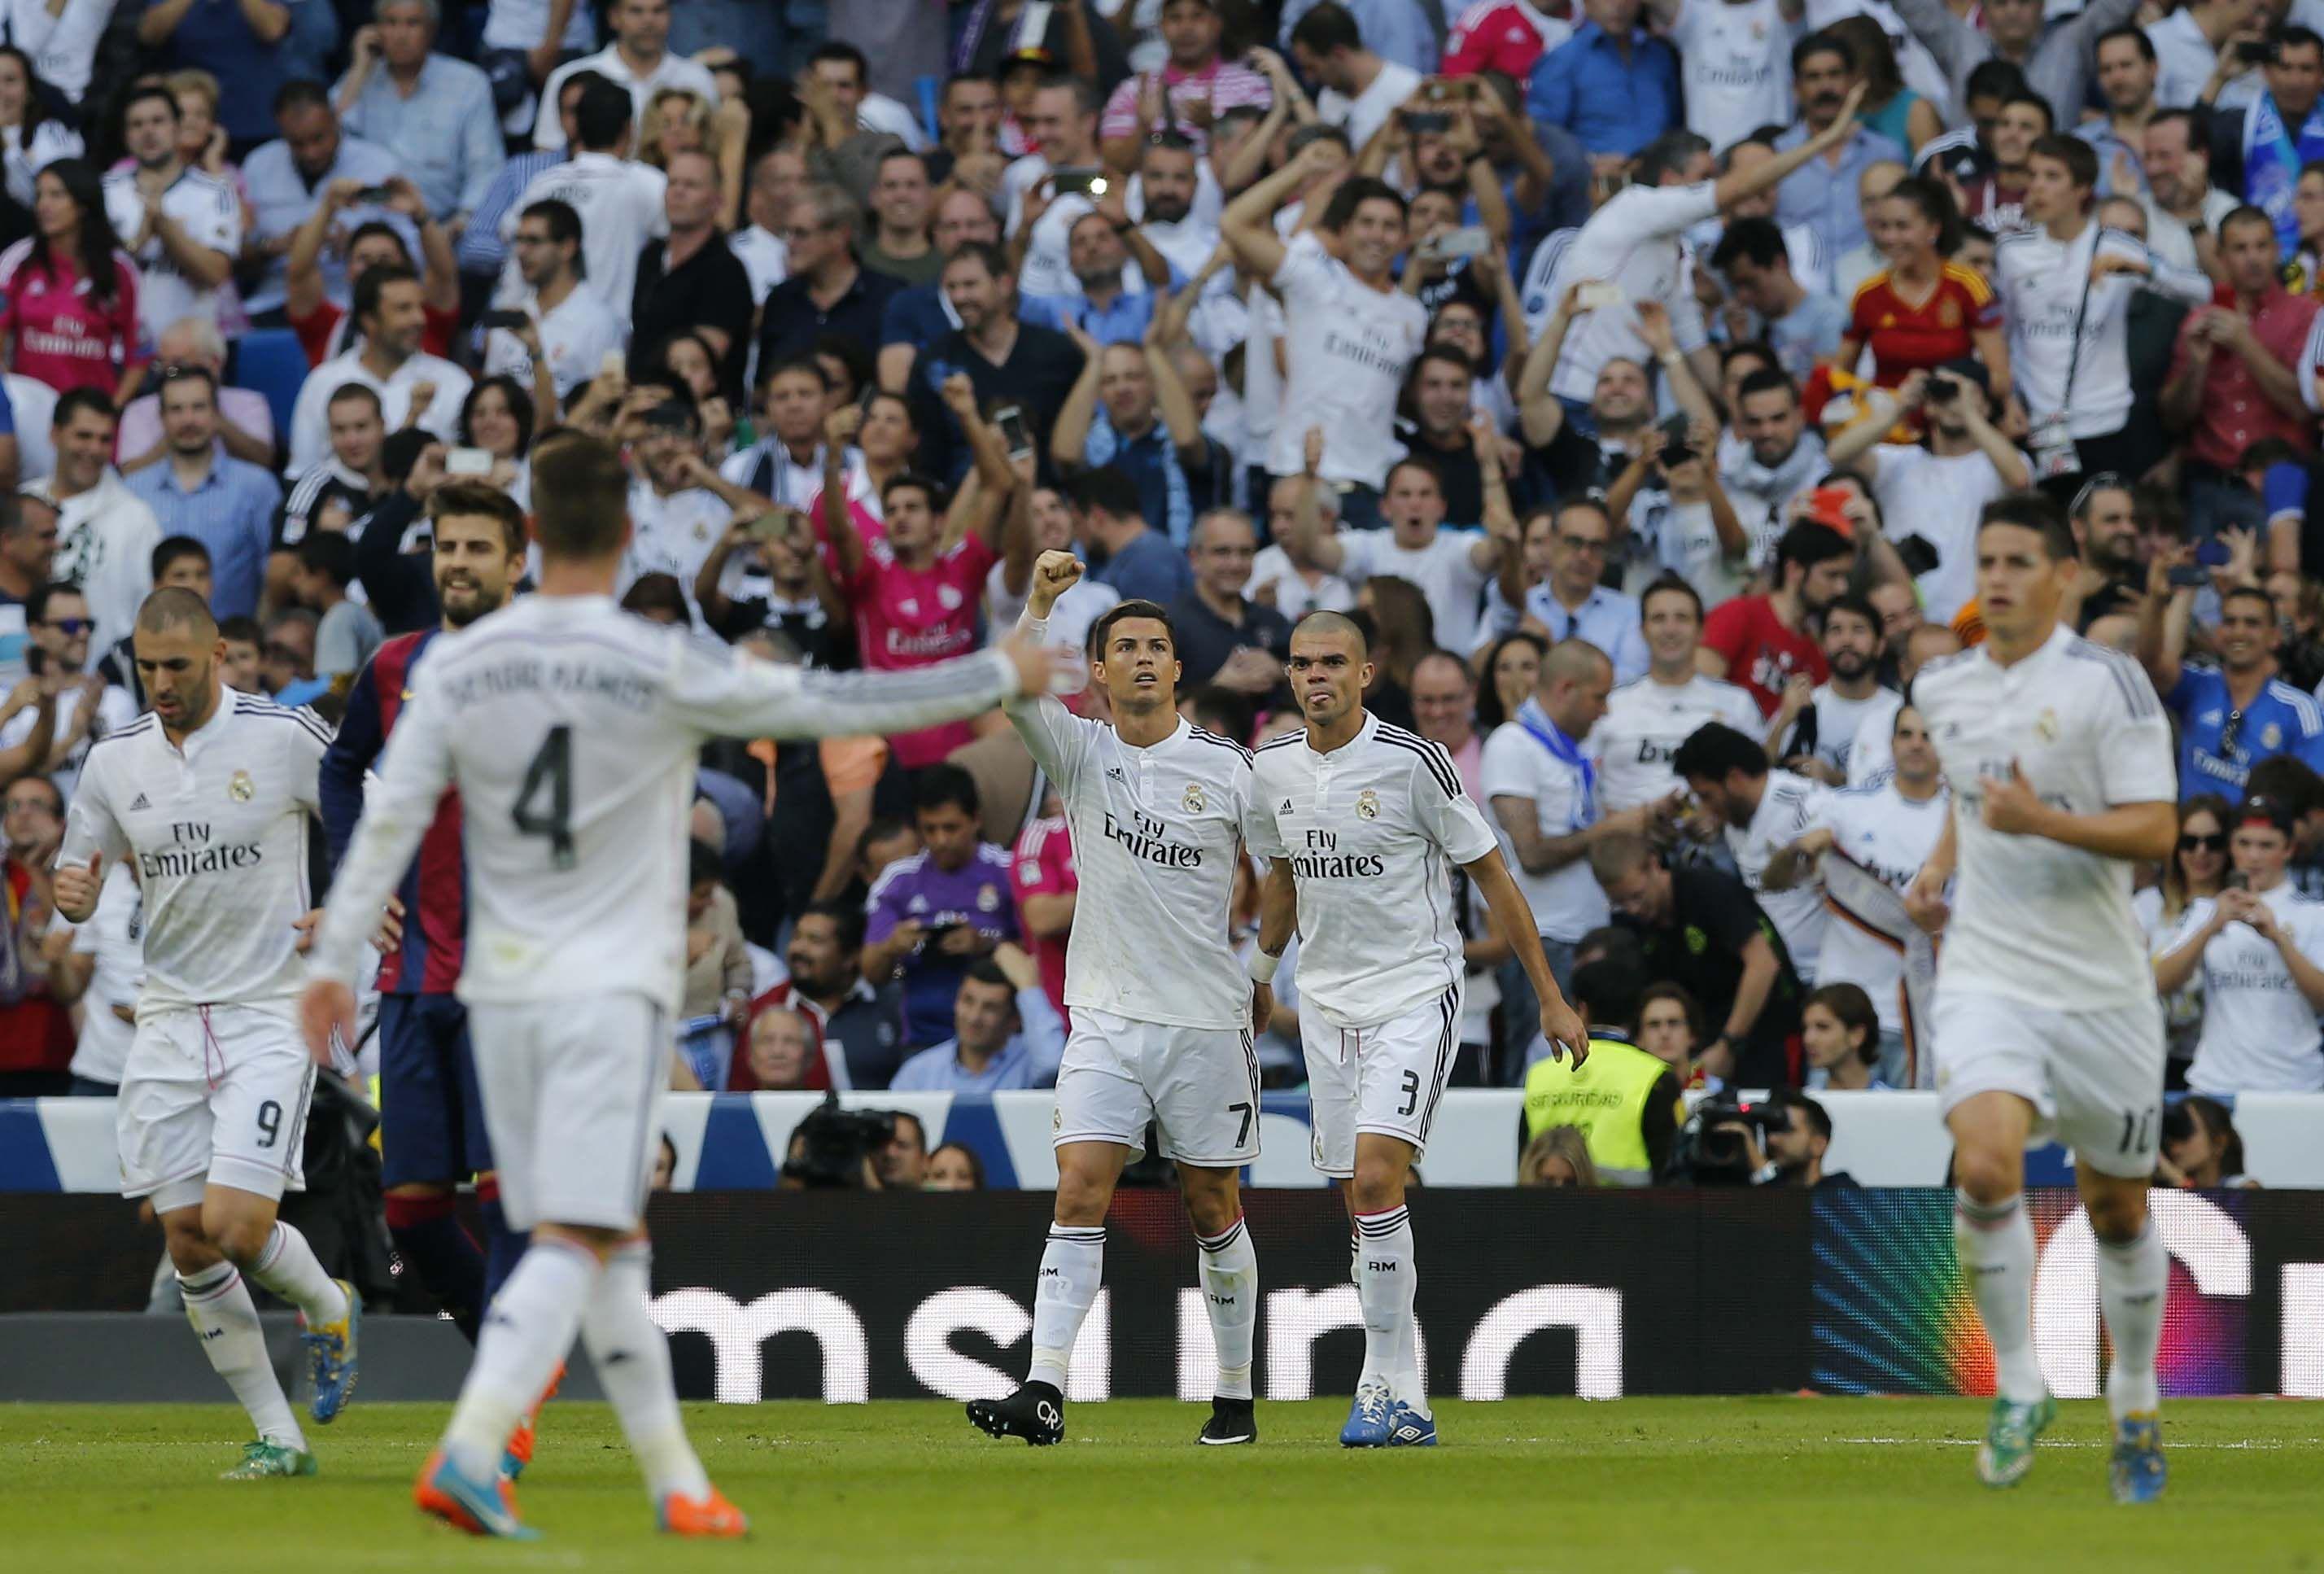 Festejo merengue. Cristiano Ronaldo y Pepe inician la celebración tras el triunfo de Real Madrid en el derby español.